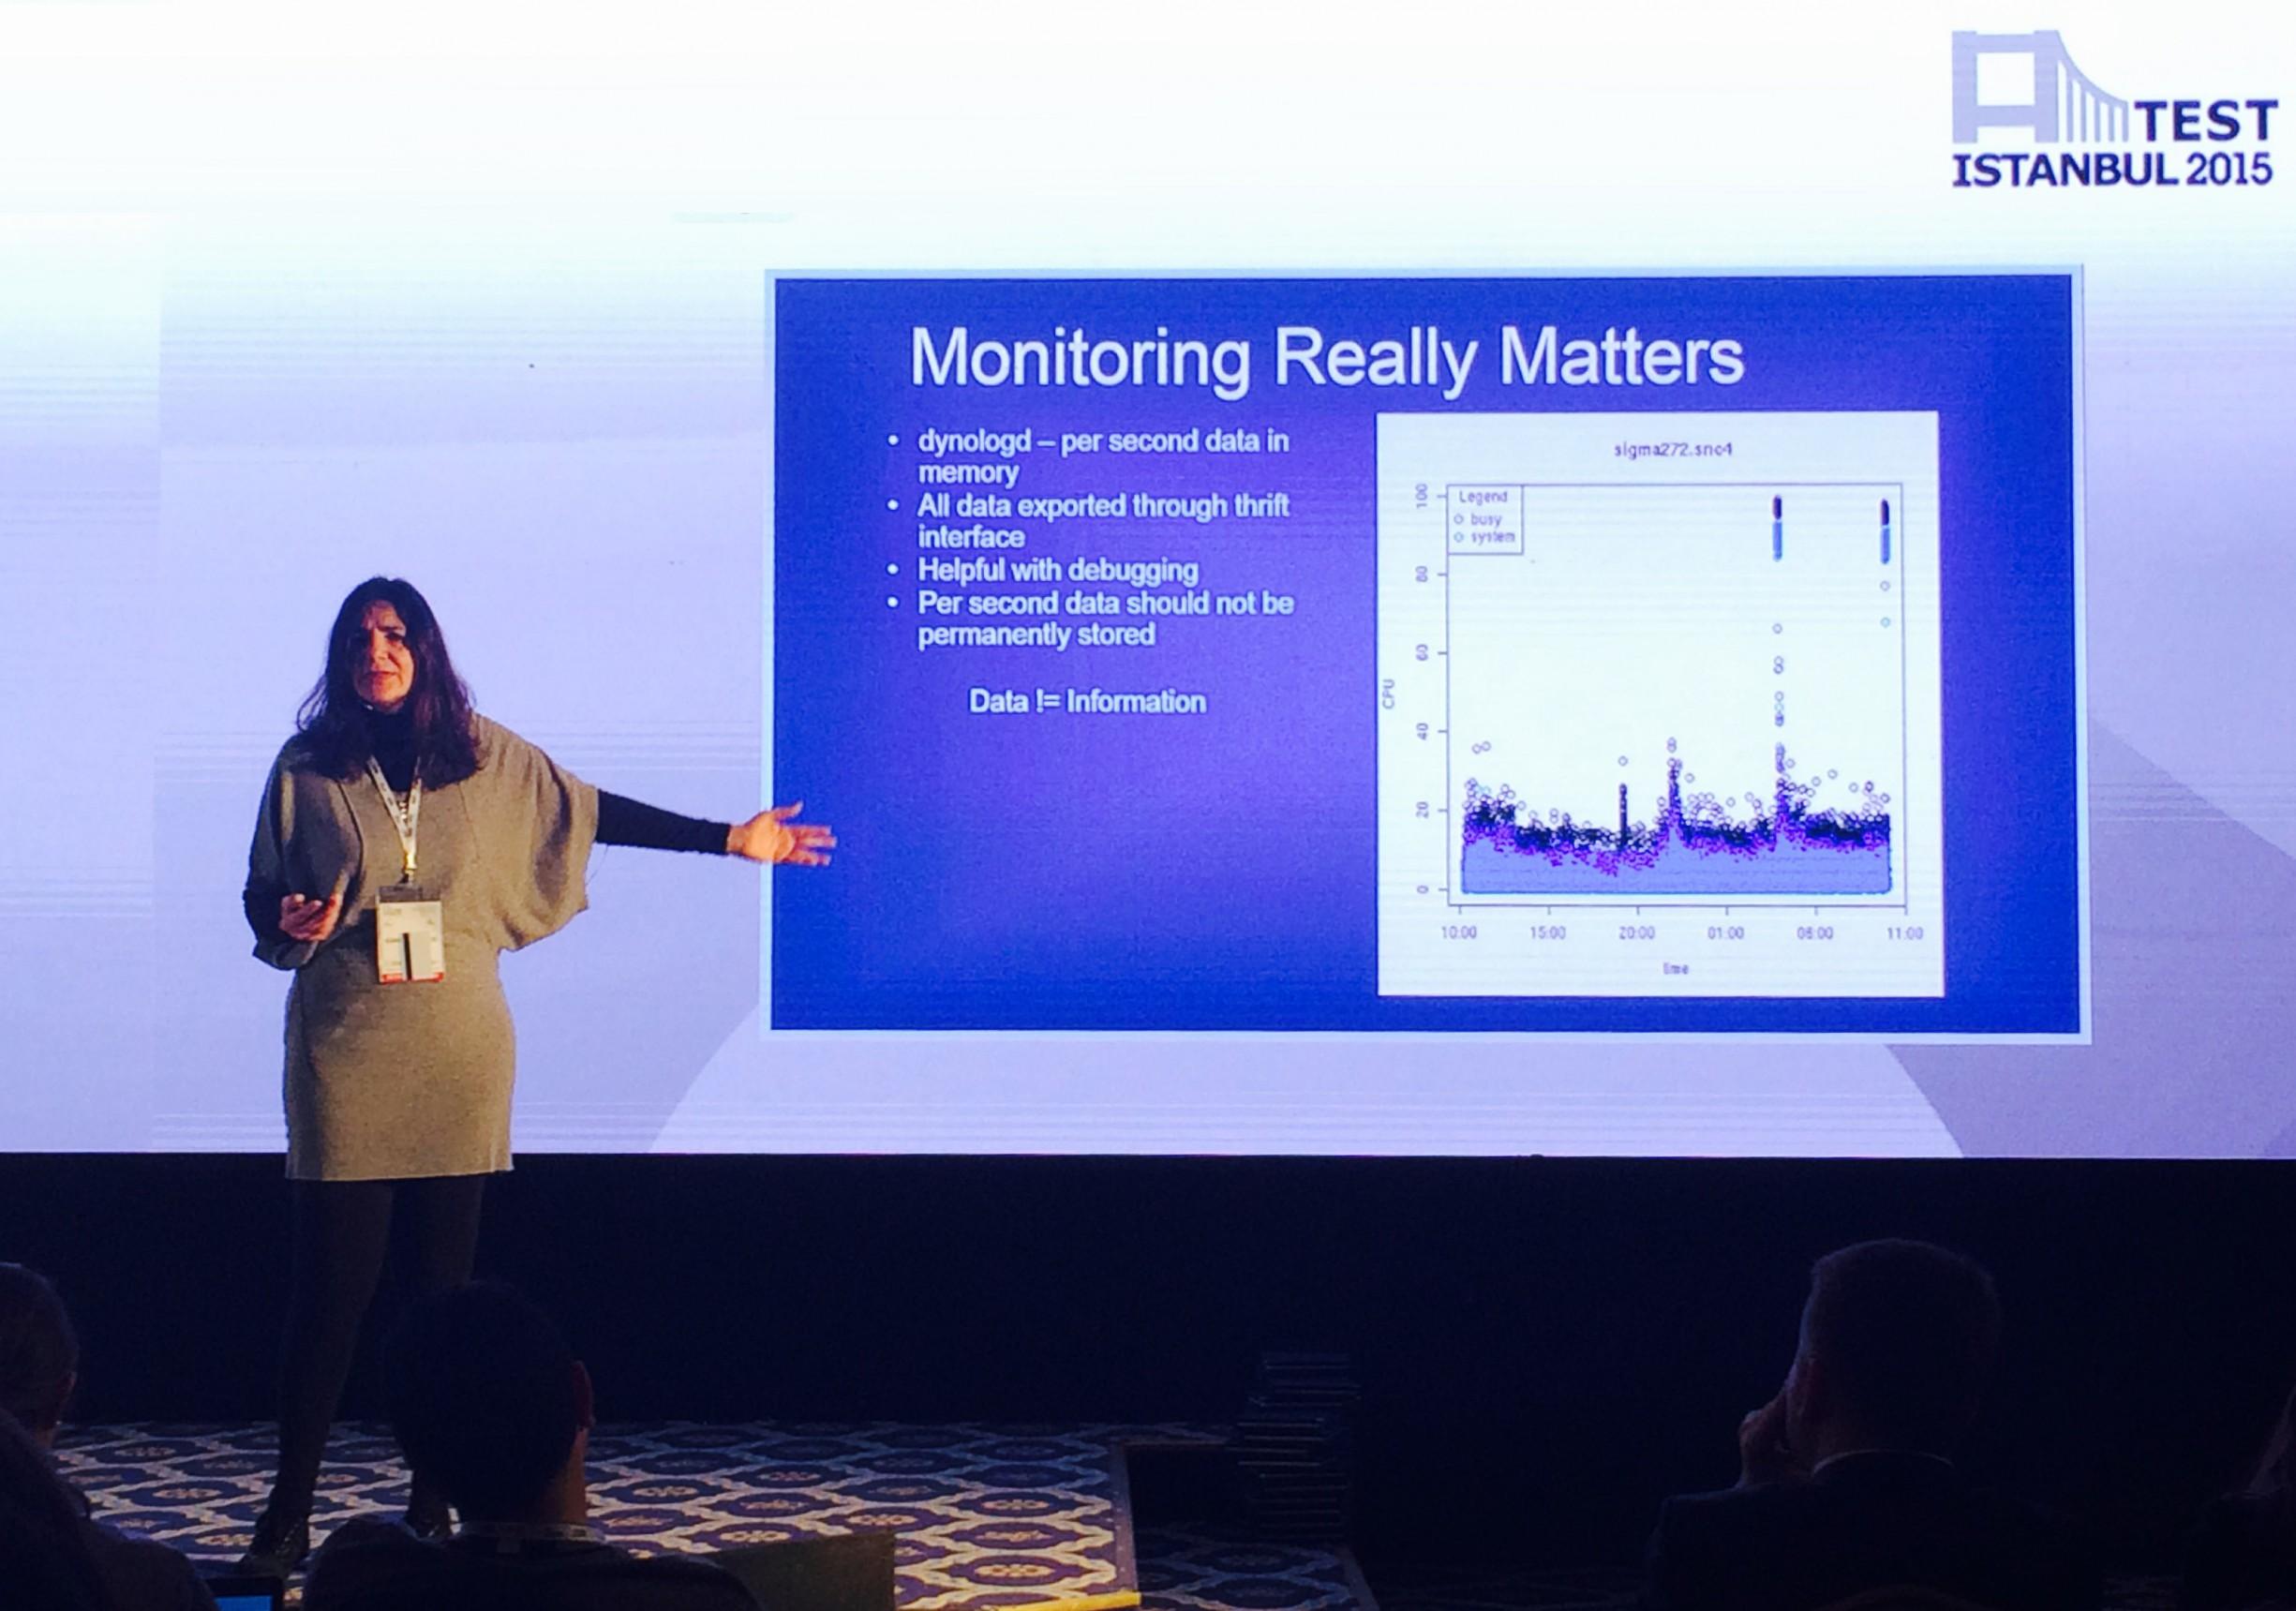 Facebook'dan Goranka Bjedov TestIstanbul Konferansı Sonrasında Keytorc'un Misafiri Olarak JMeter ile Performans Testi Eğitimini Verdi!